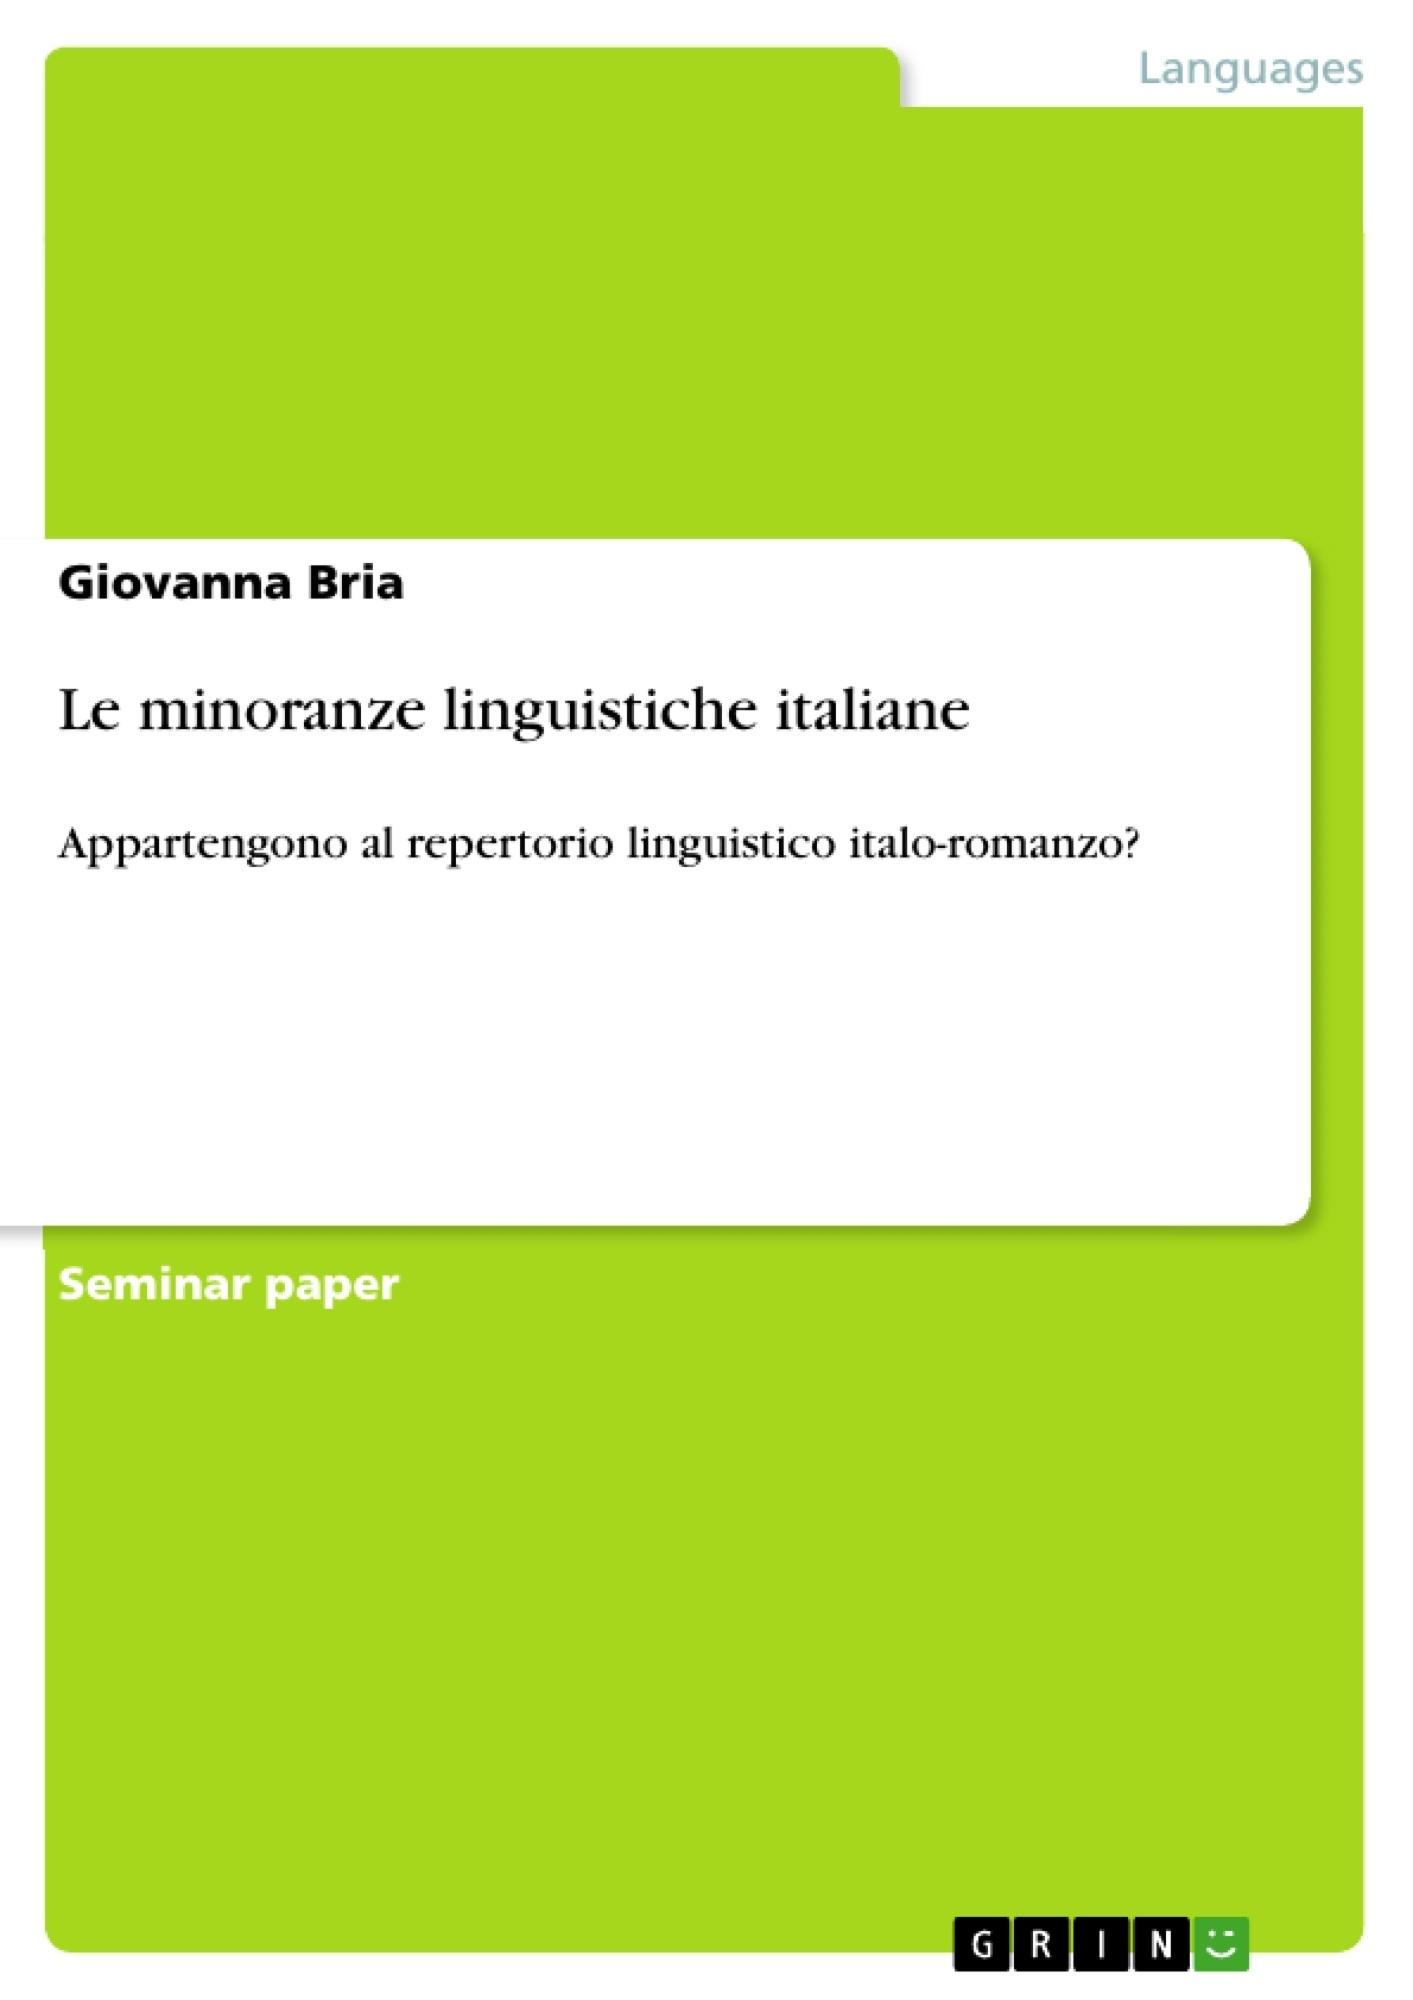 Title: Le minoranze linguistiche italiane